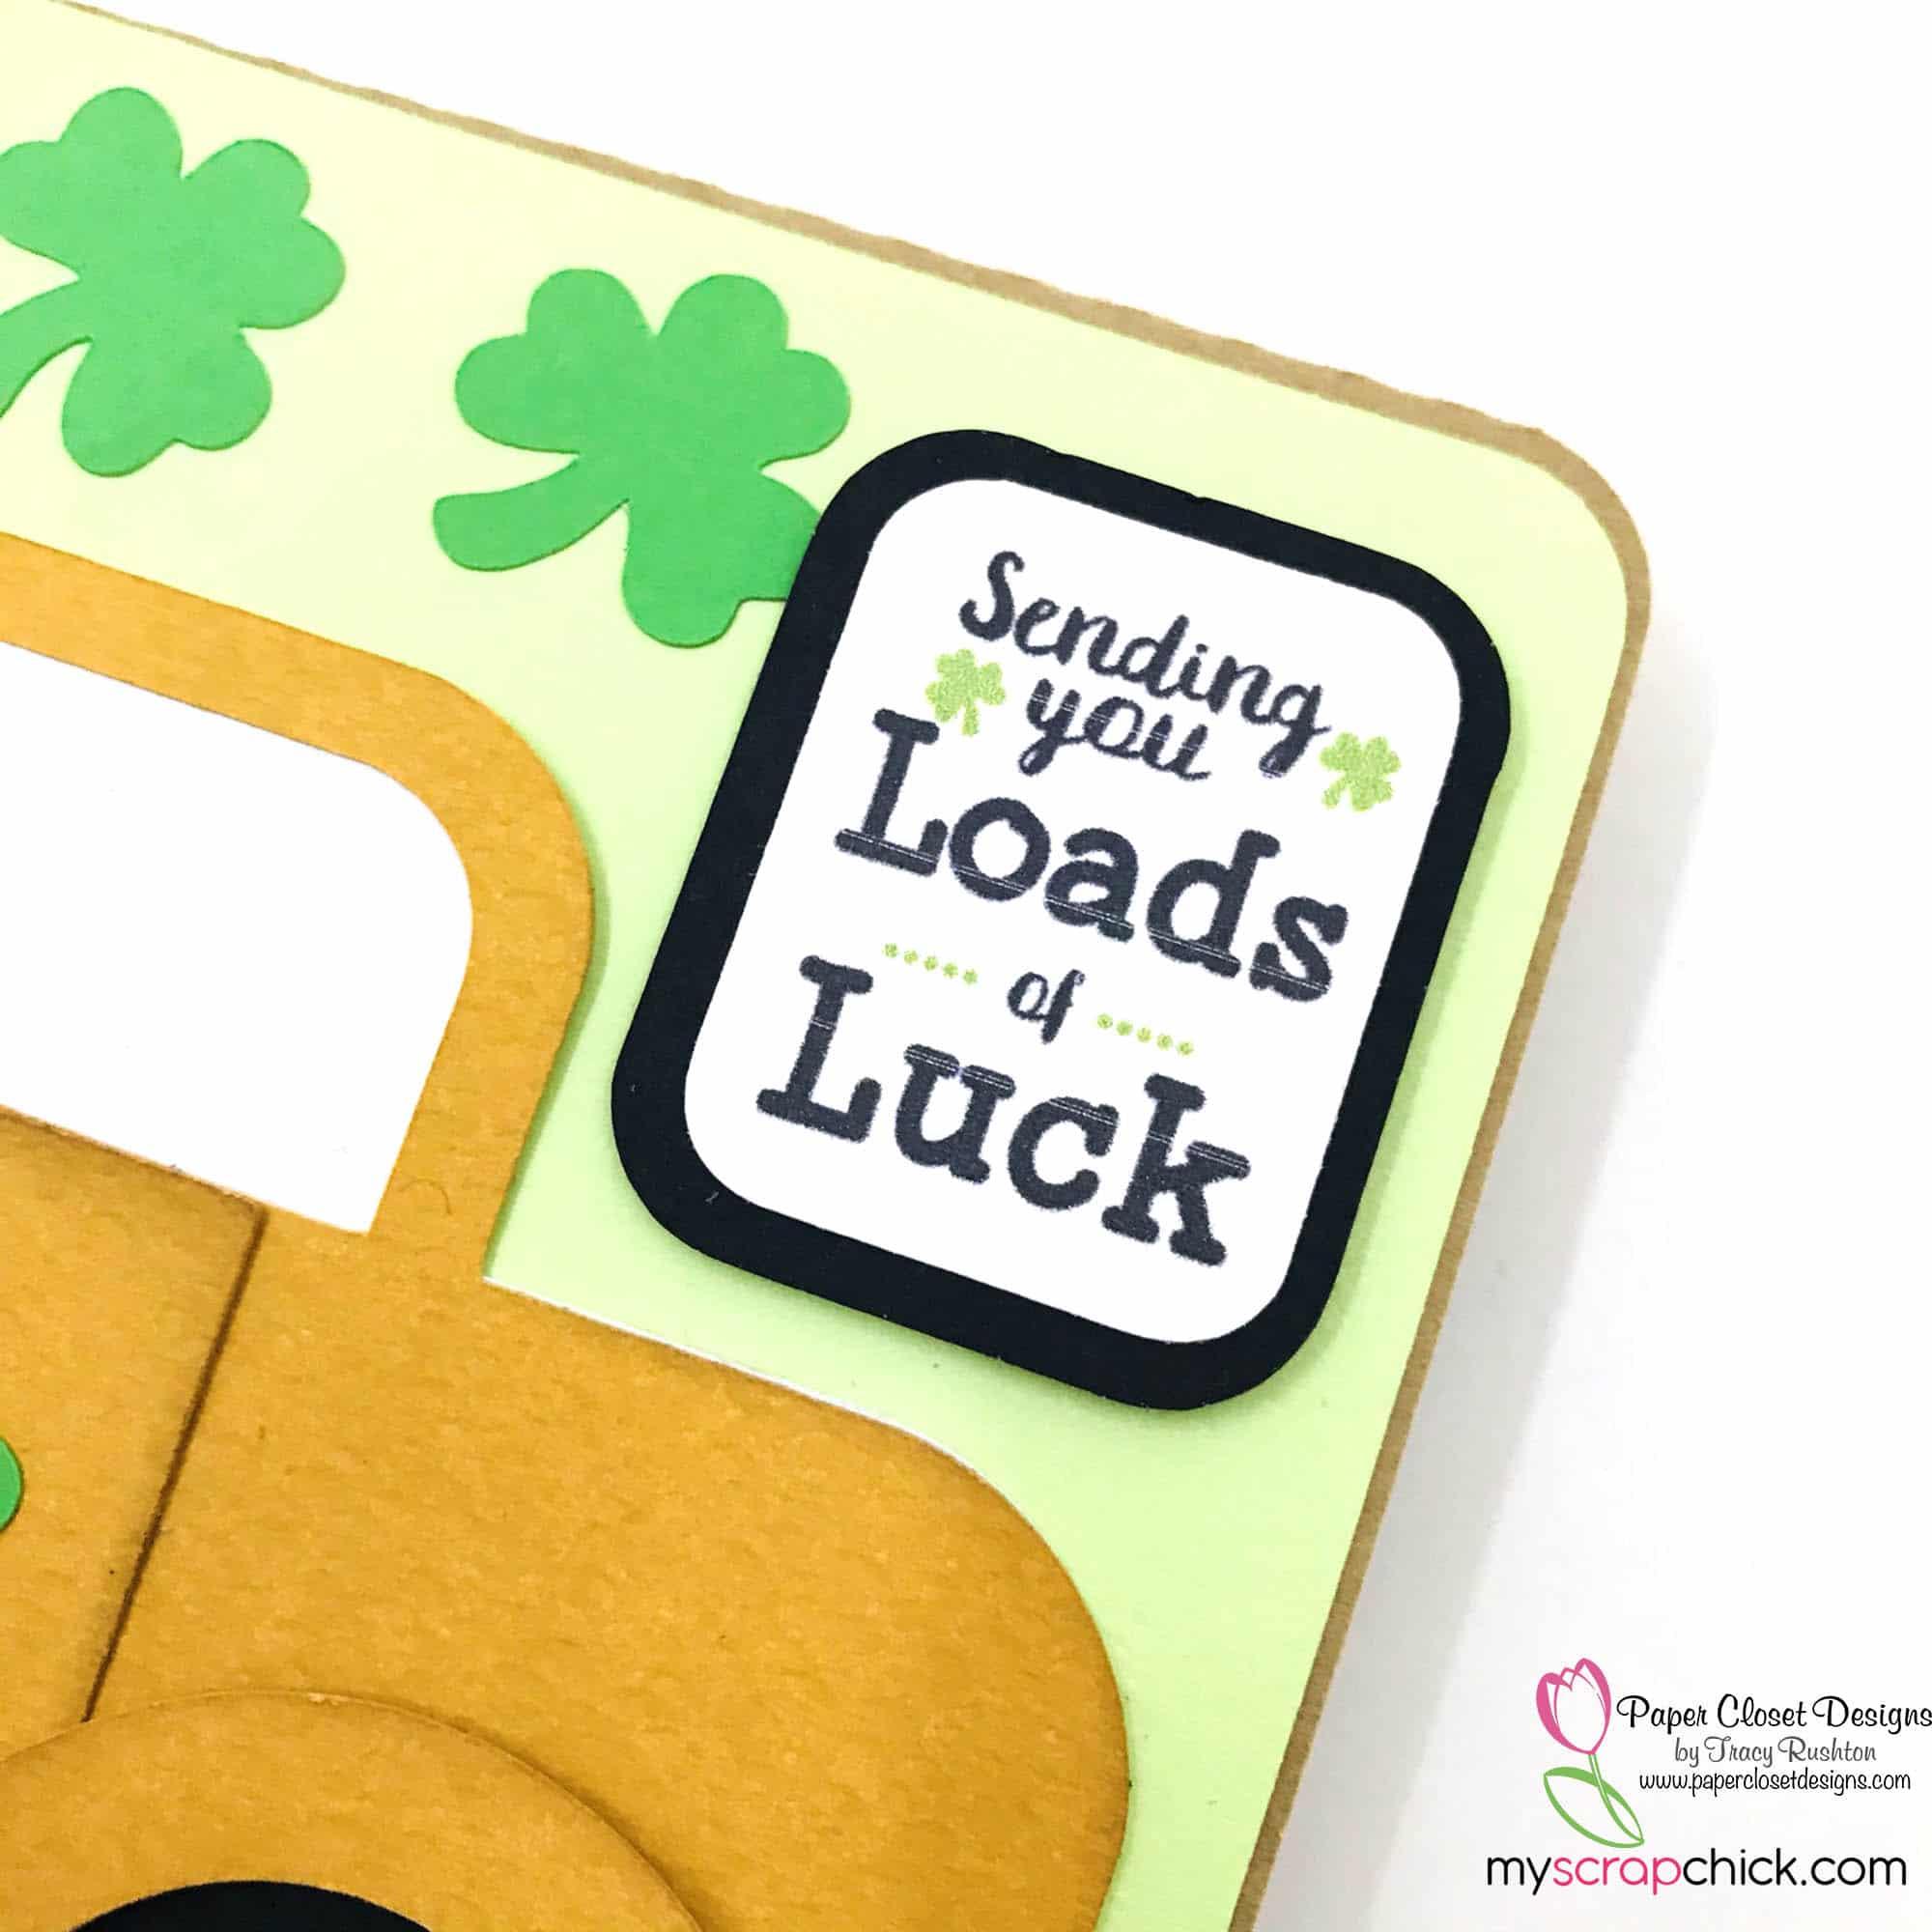 sending Loads of Luck